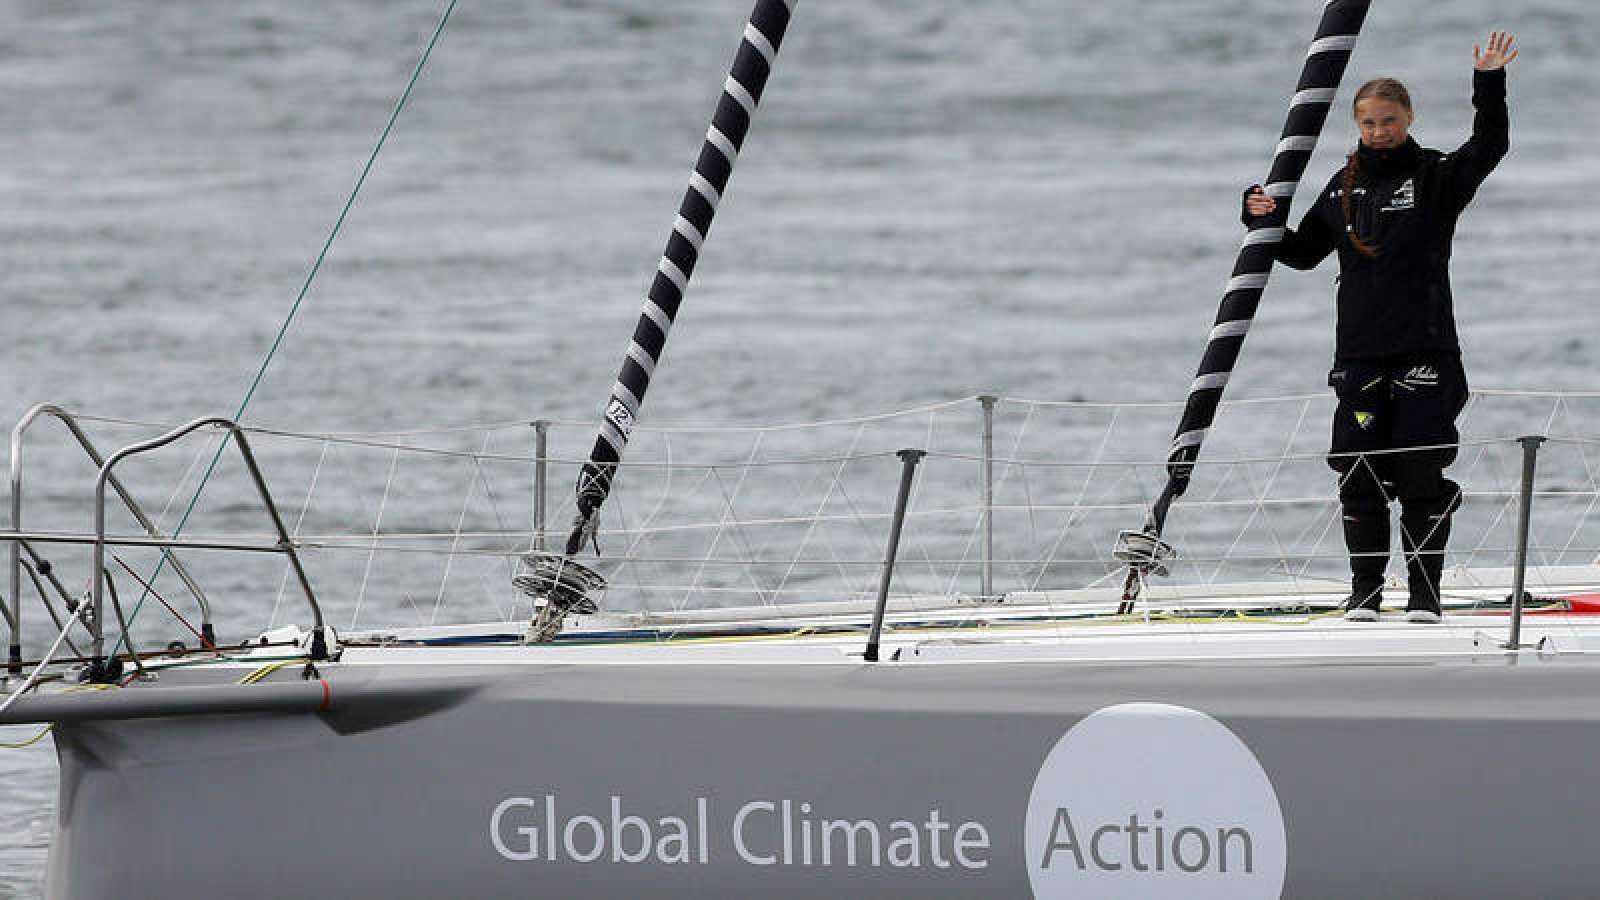 La activista Greta Thunberg, sobre la cubierta del velero 'Malizia II', abandona el puerto inglés de Plymouth.